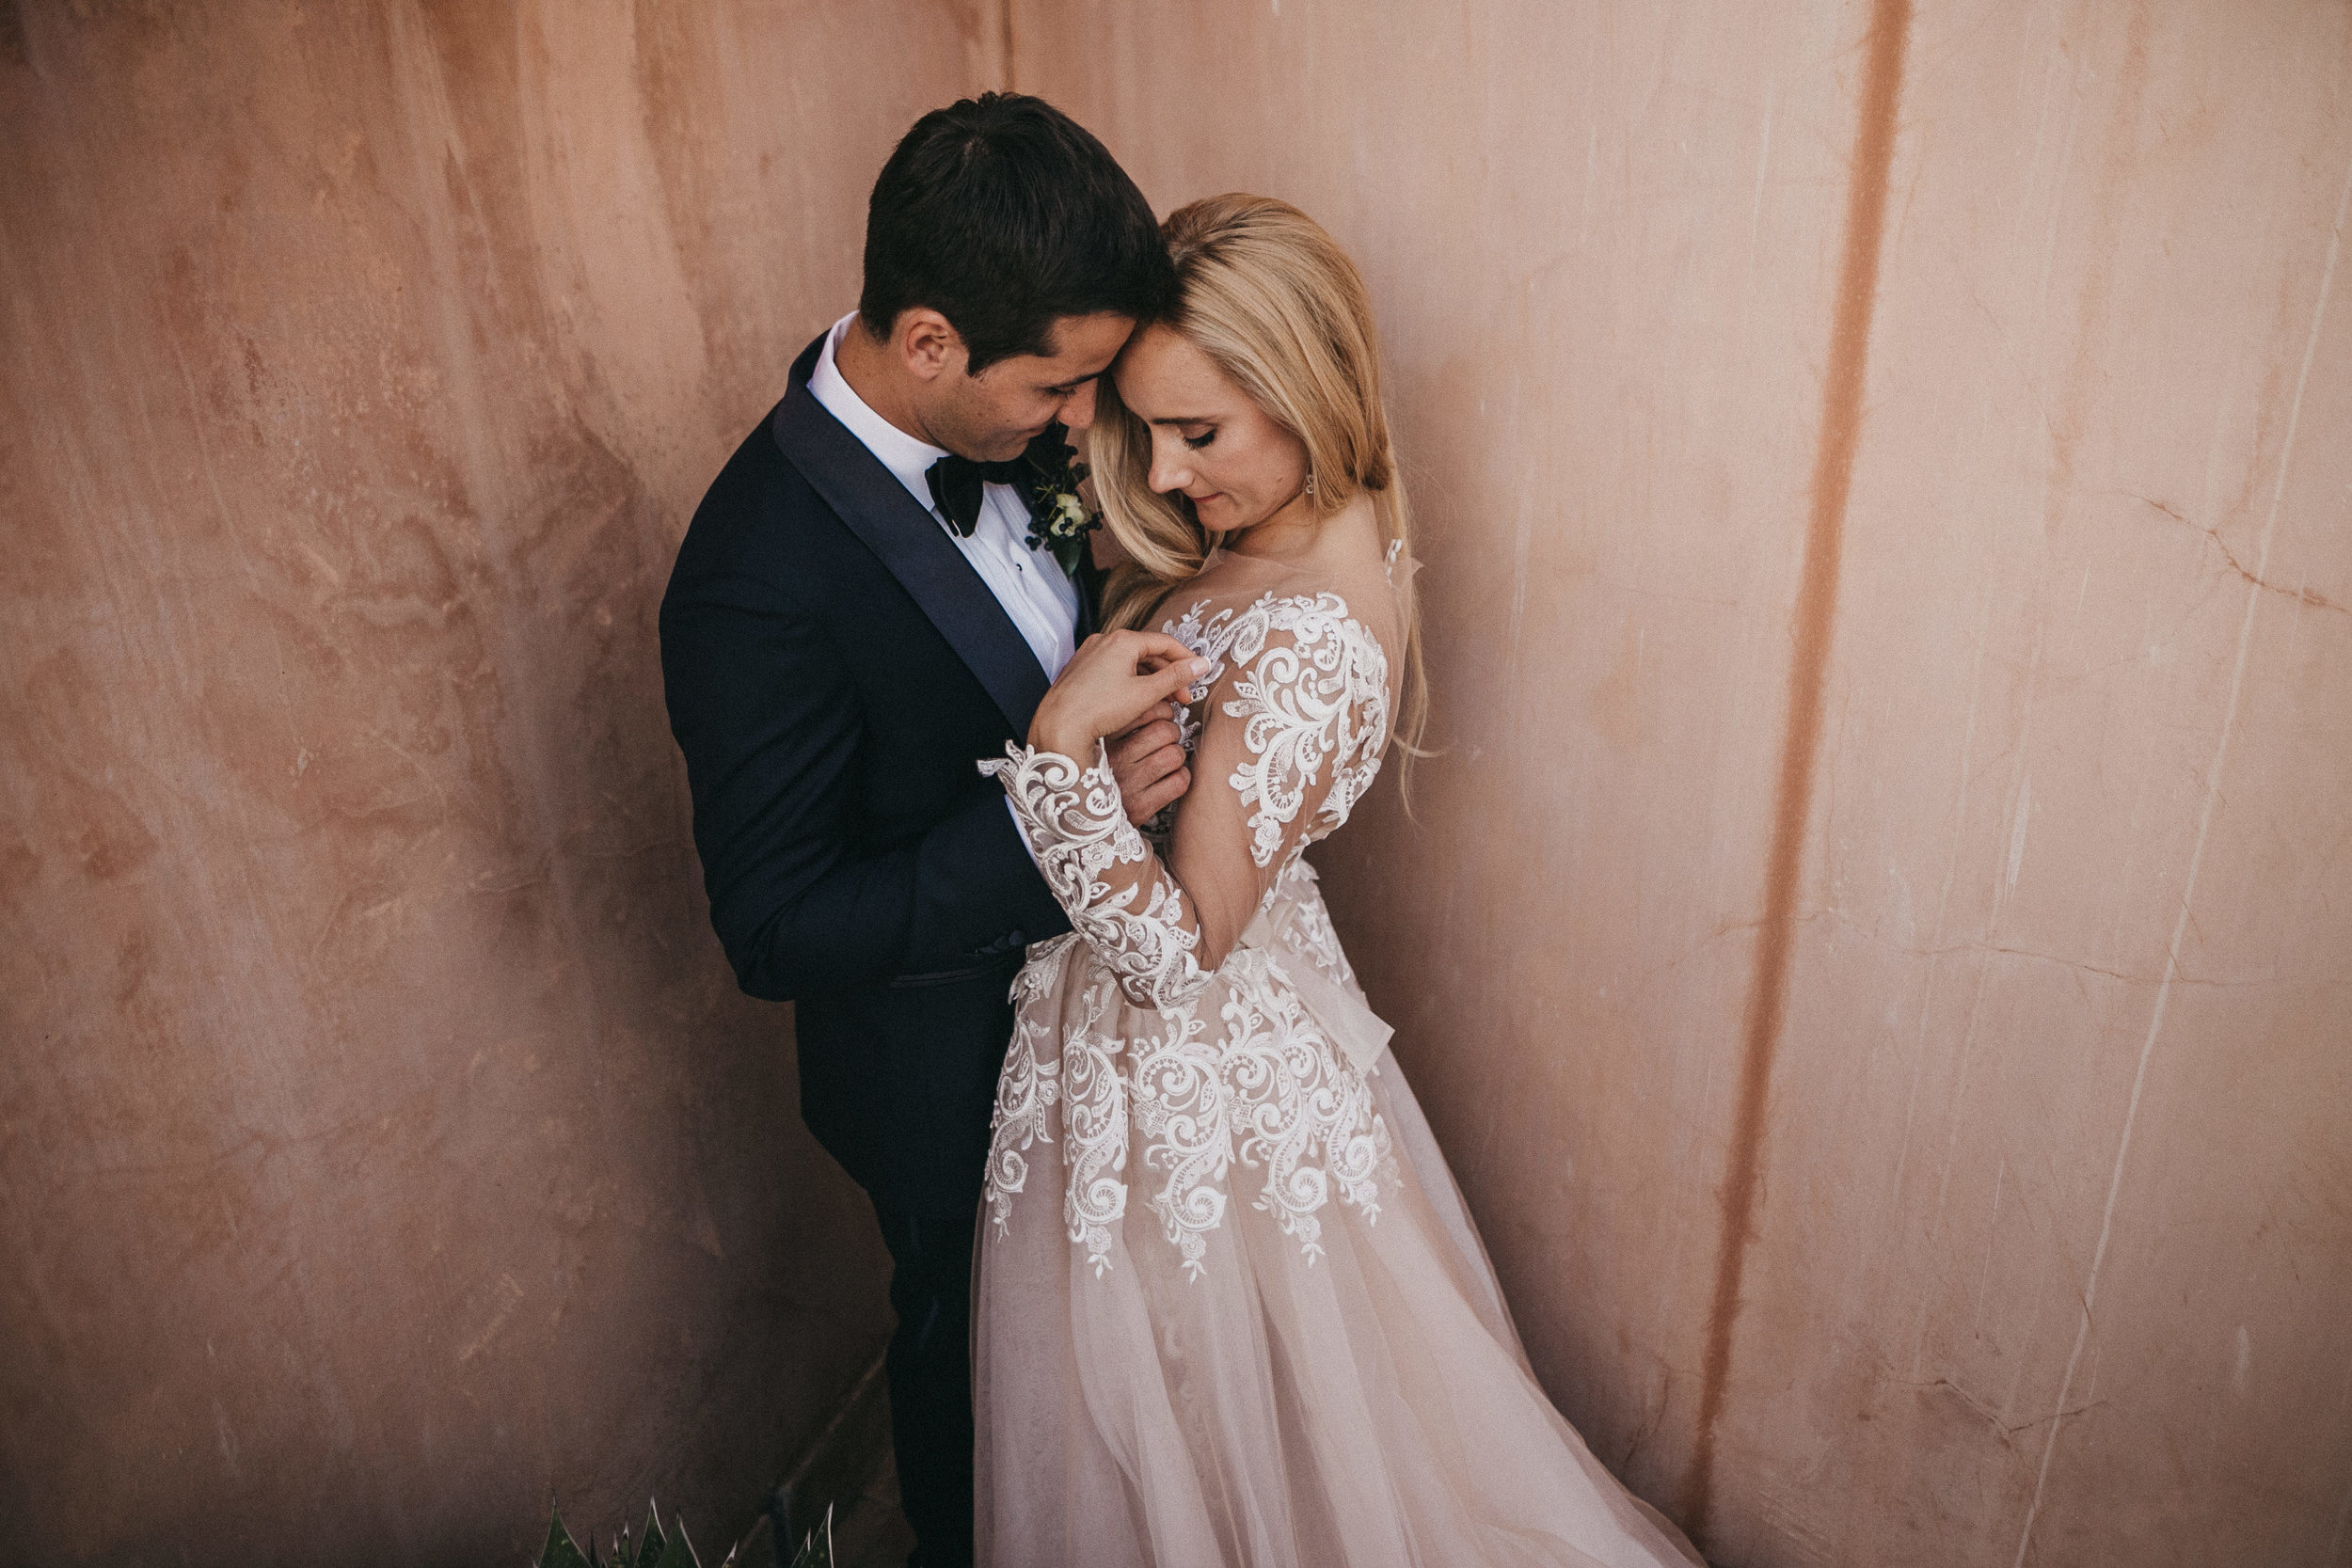 Fotografo de bodas españa serafin castillo wedding photographer spain 021.jpg